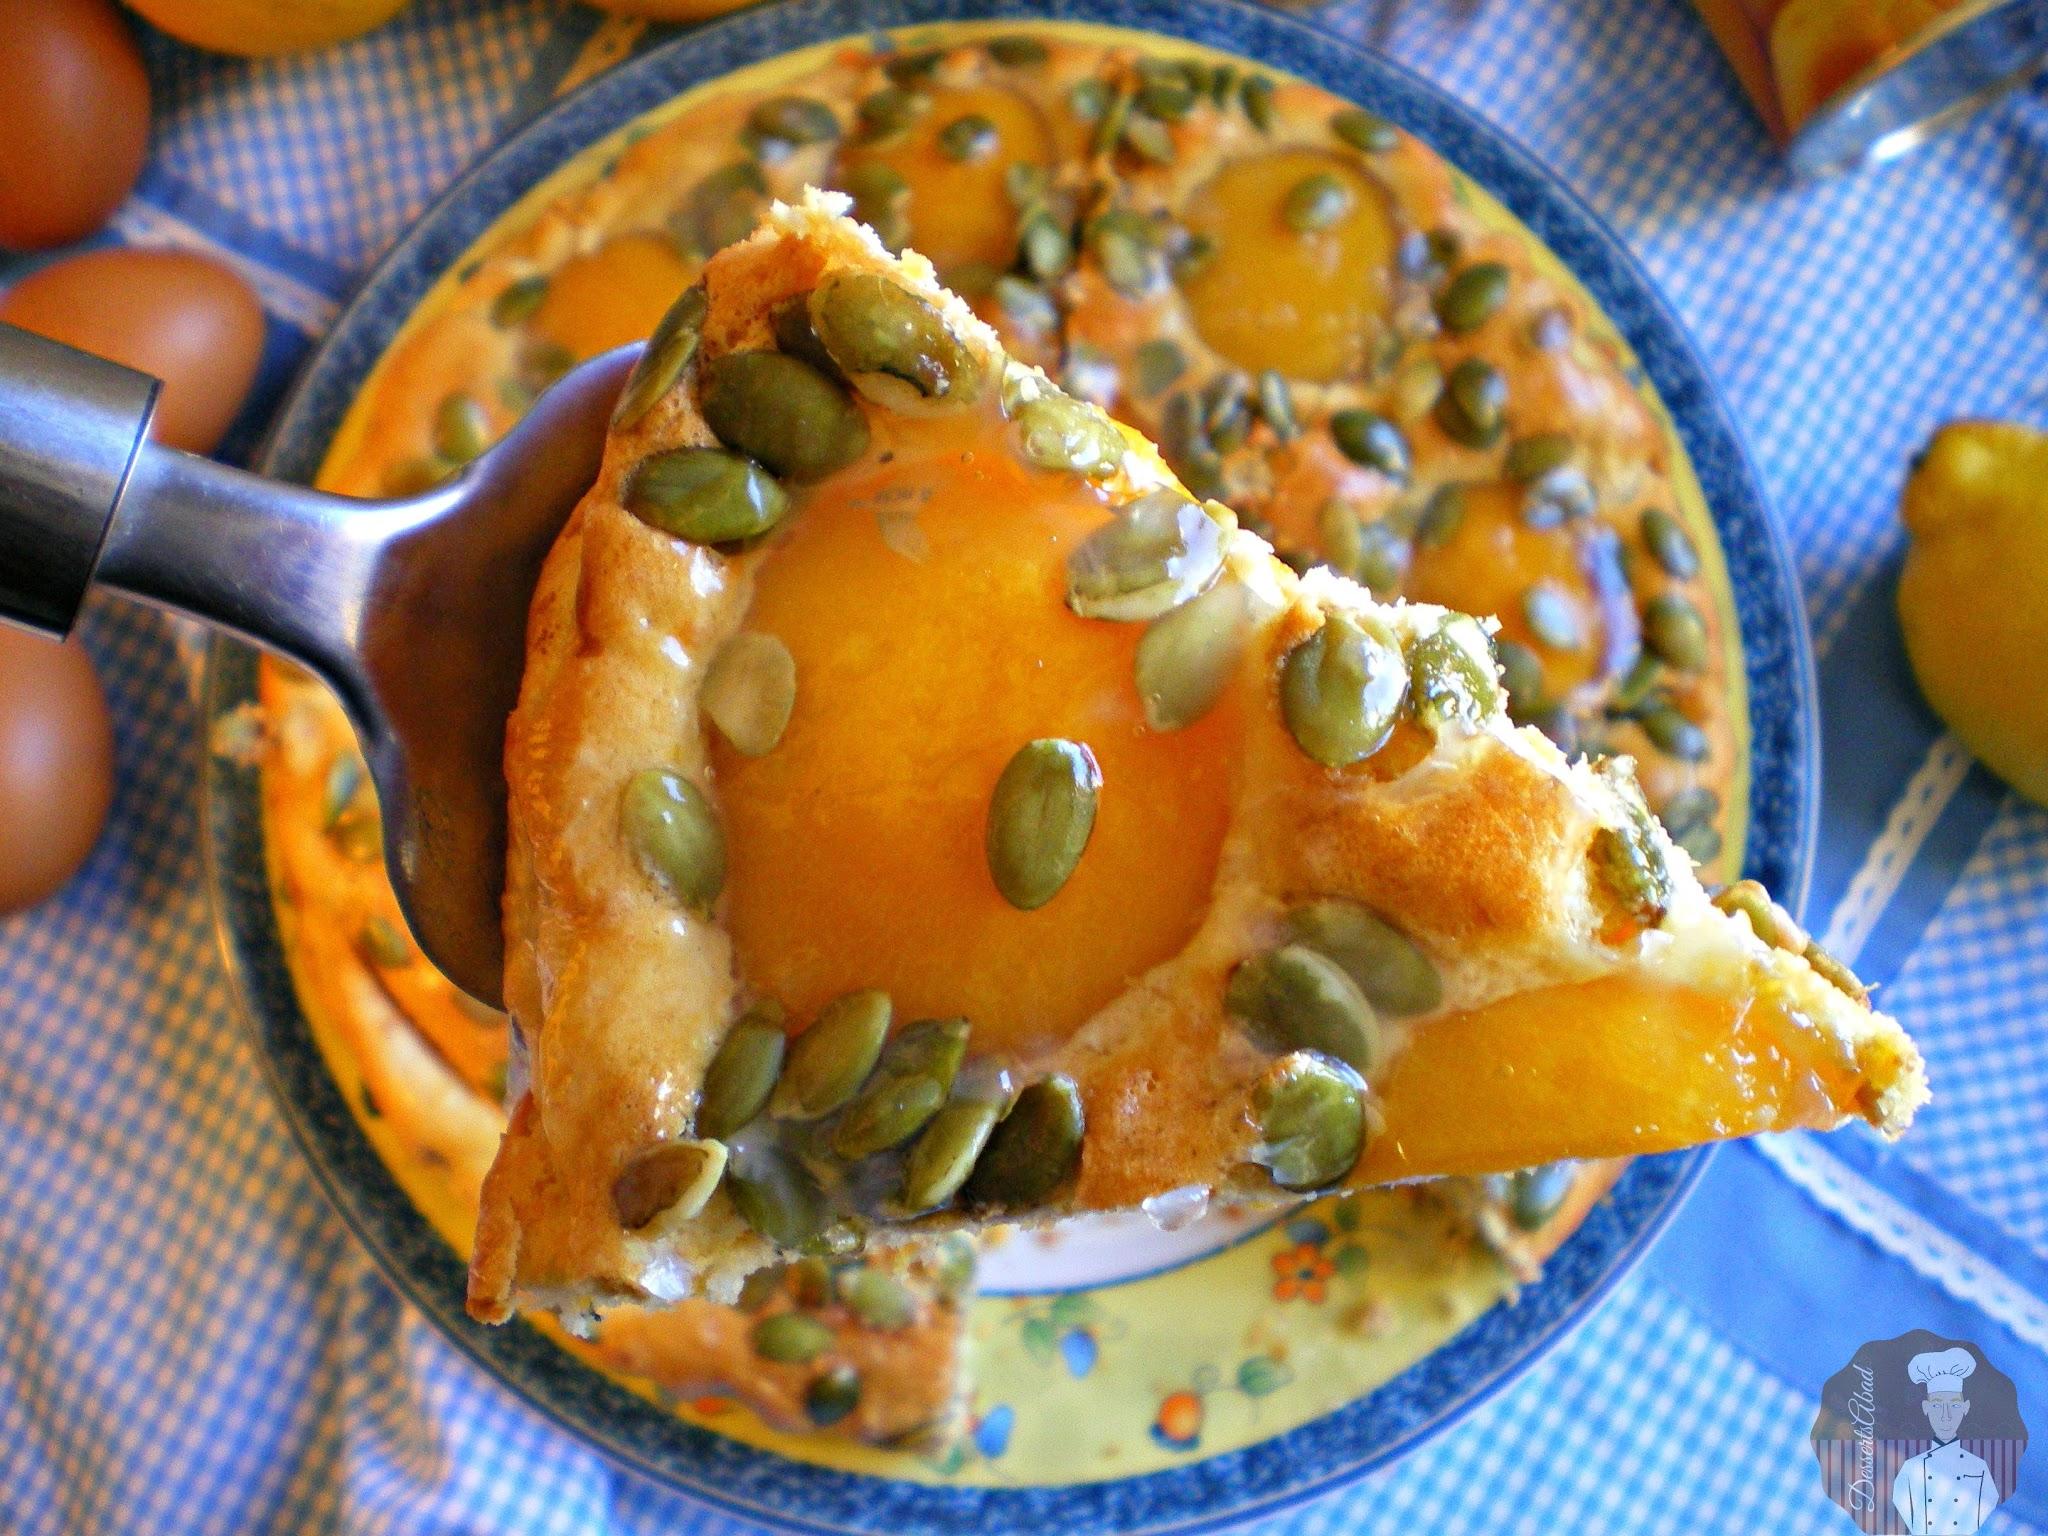 Pastel de melocotón con pipas de calabaza